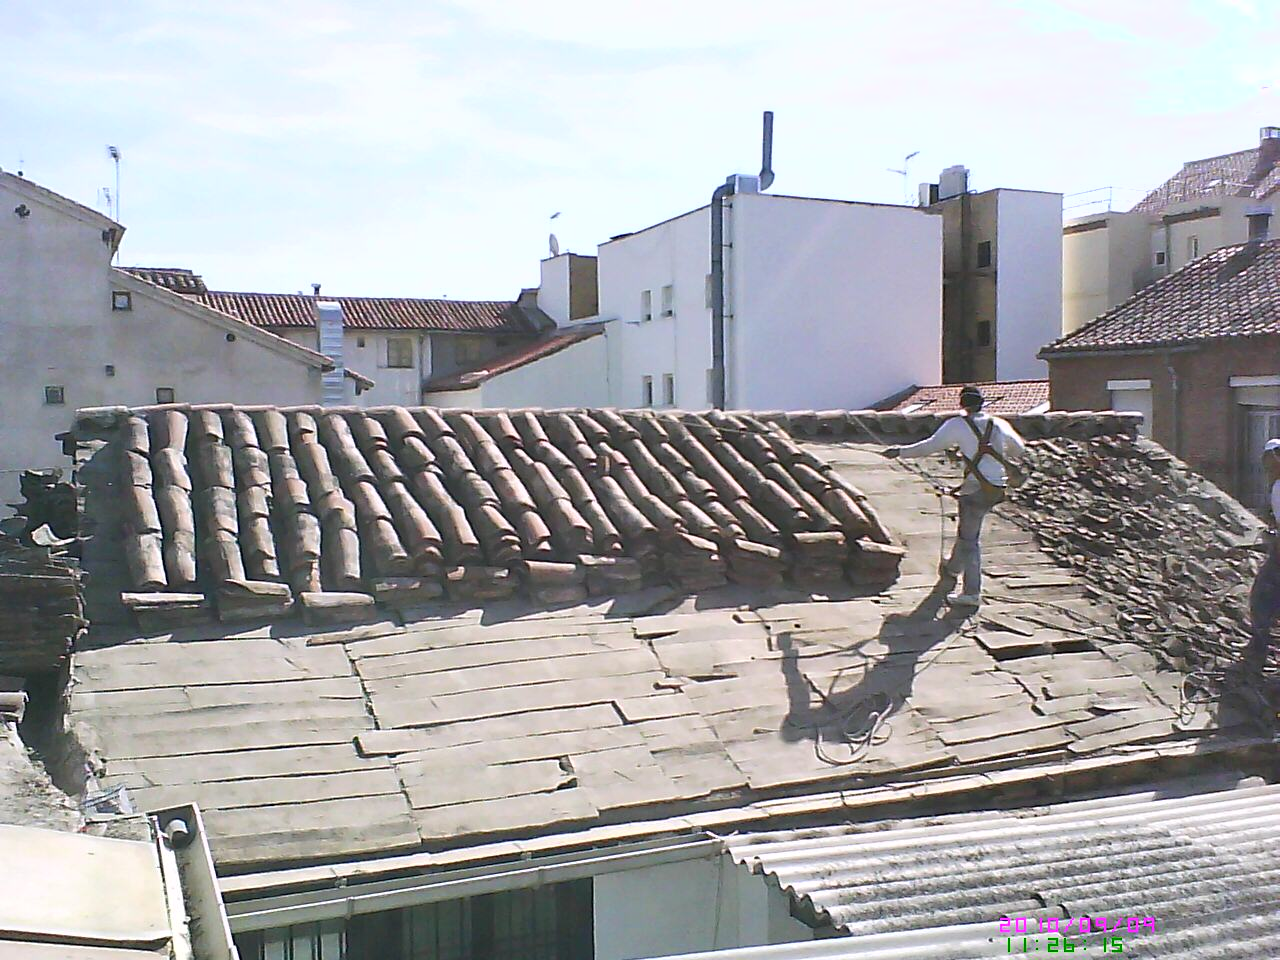 Fotos de restauraci n de tejados en madera tejados y for Tejados de madera antiguos